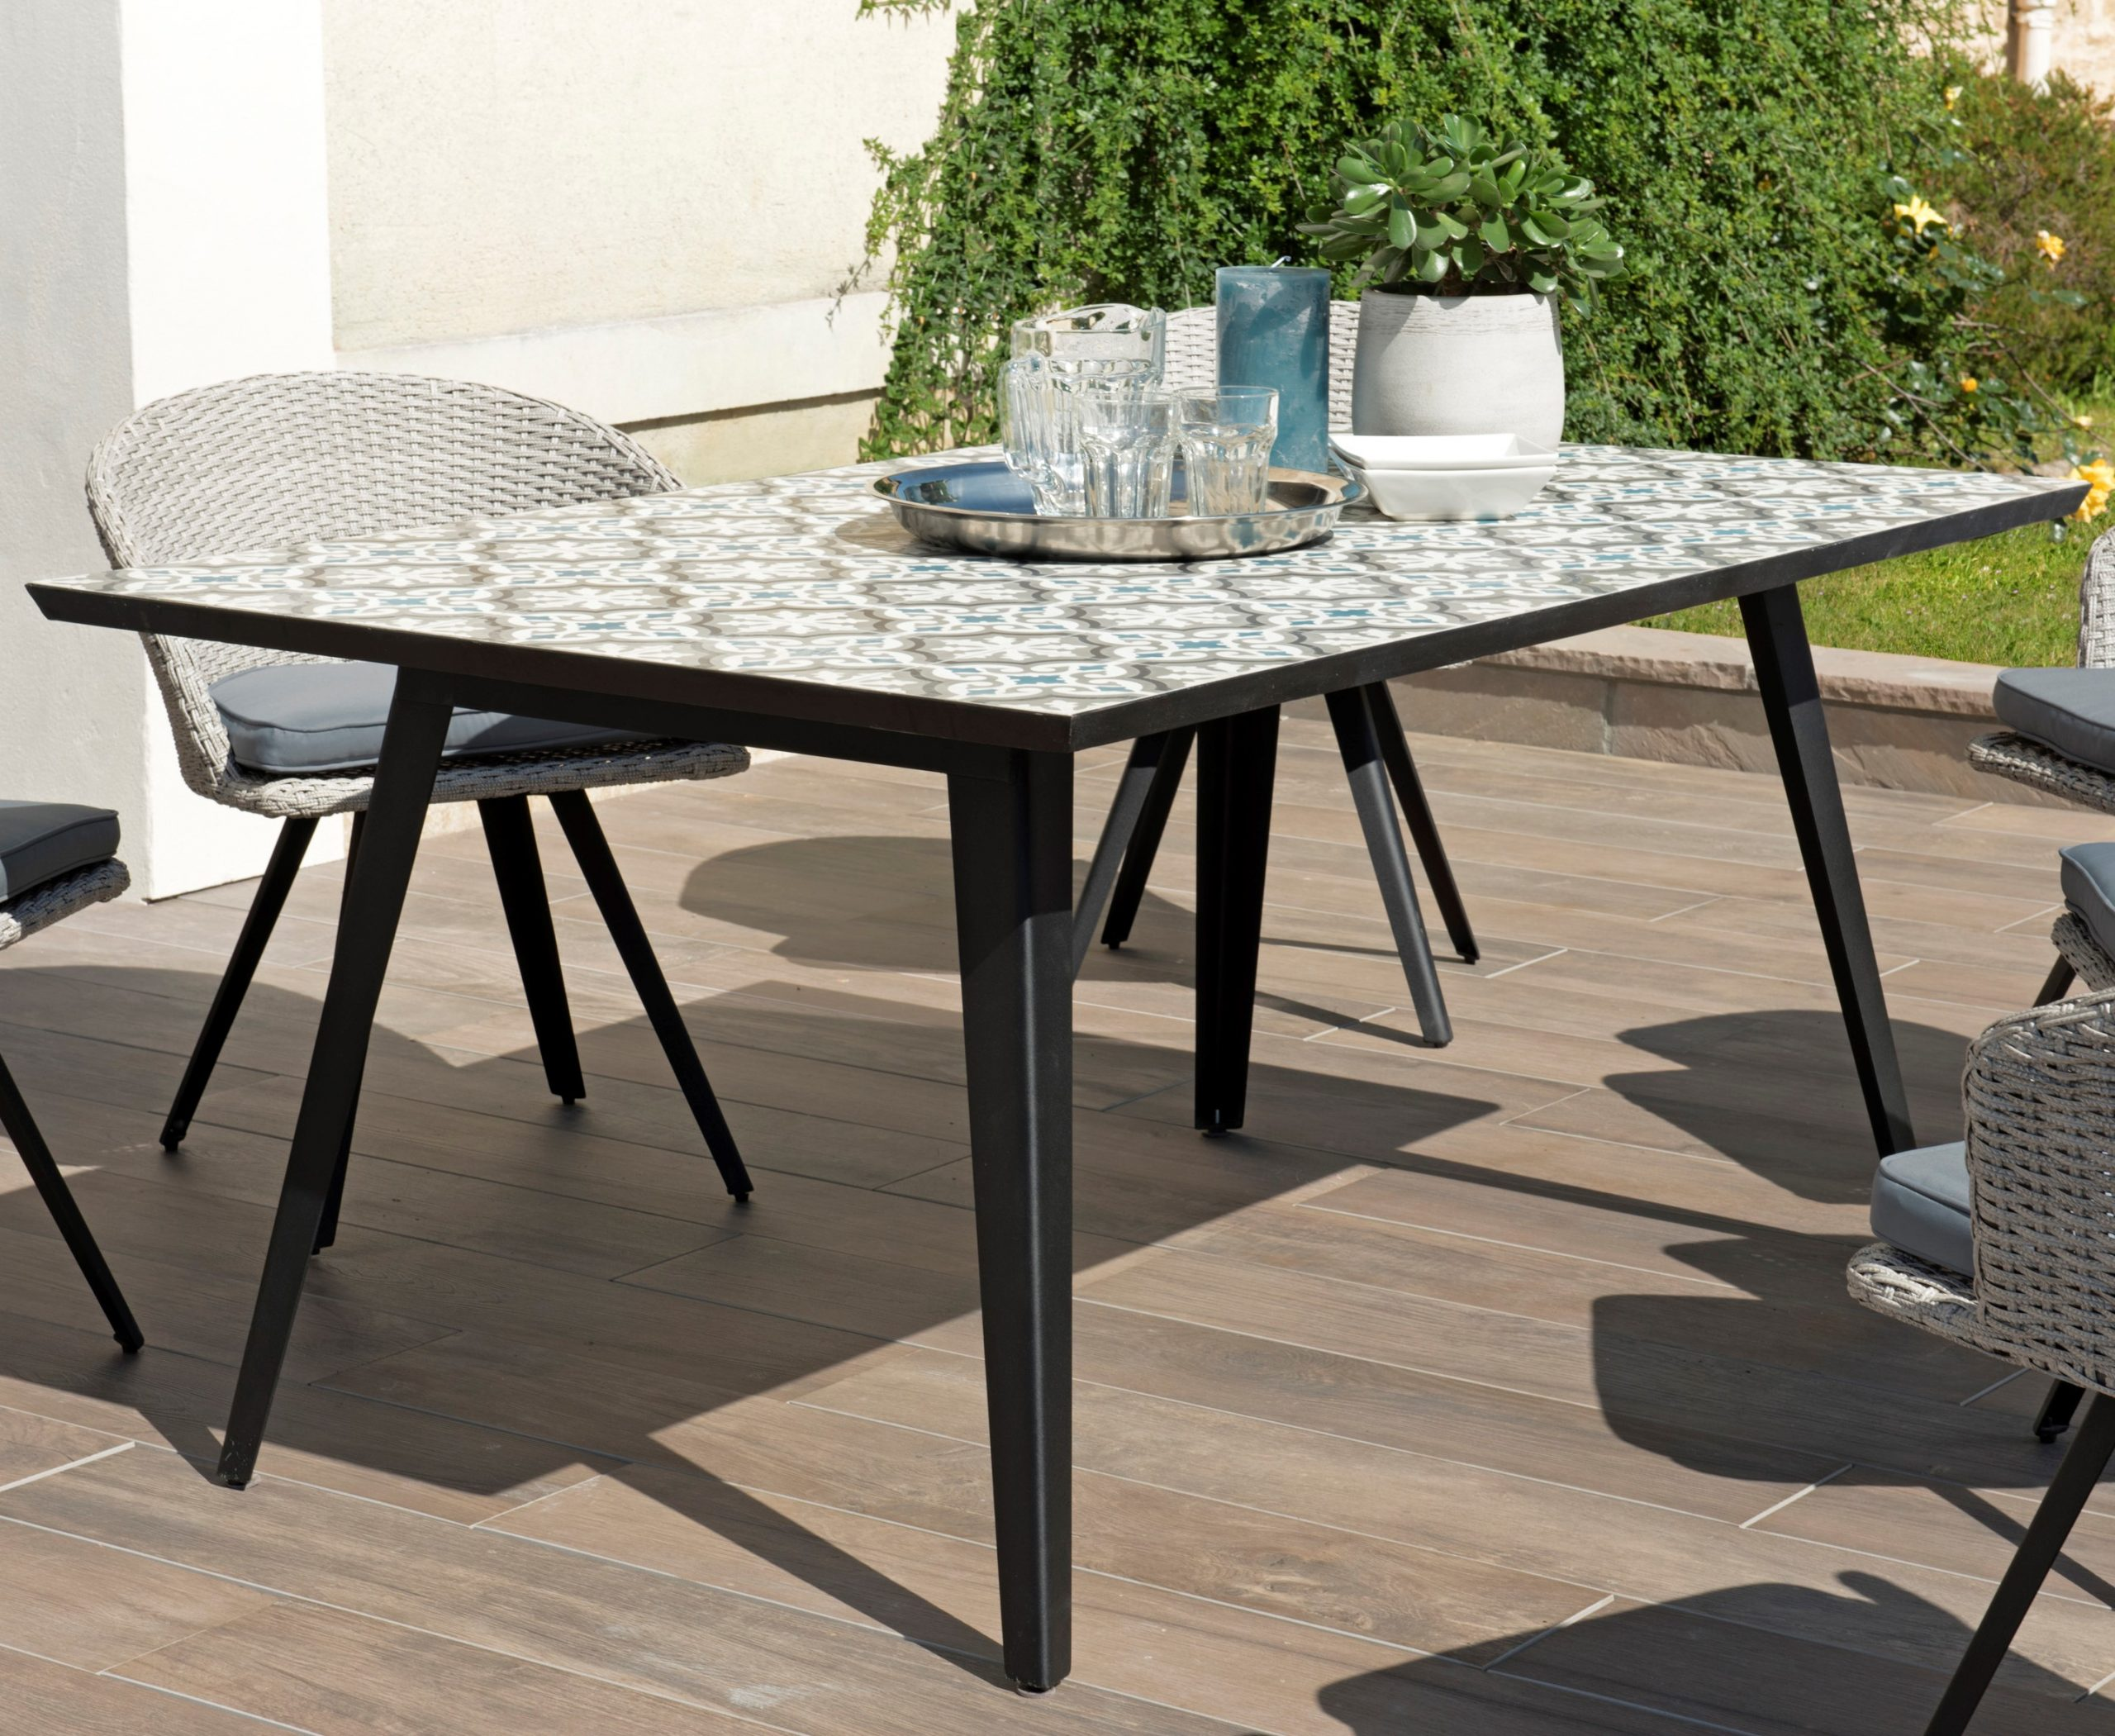 Table De Jardin 6 Personnes Carreaux De Ciment 162X102 Summer pour Table Jardin 6 Personnes